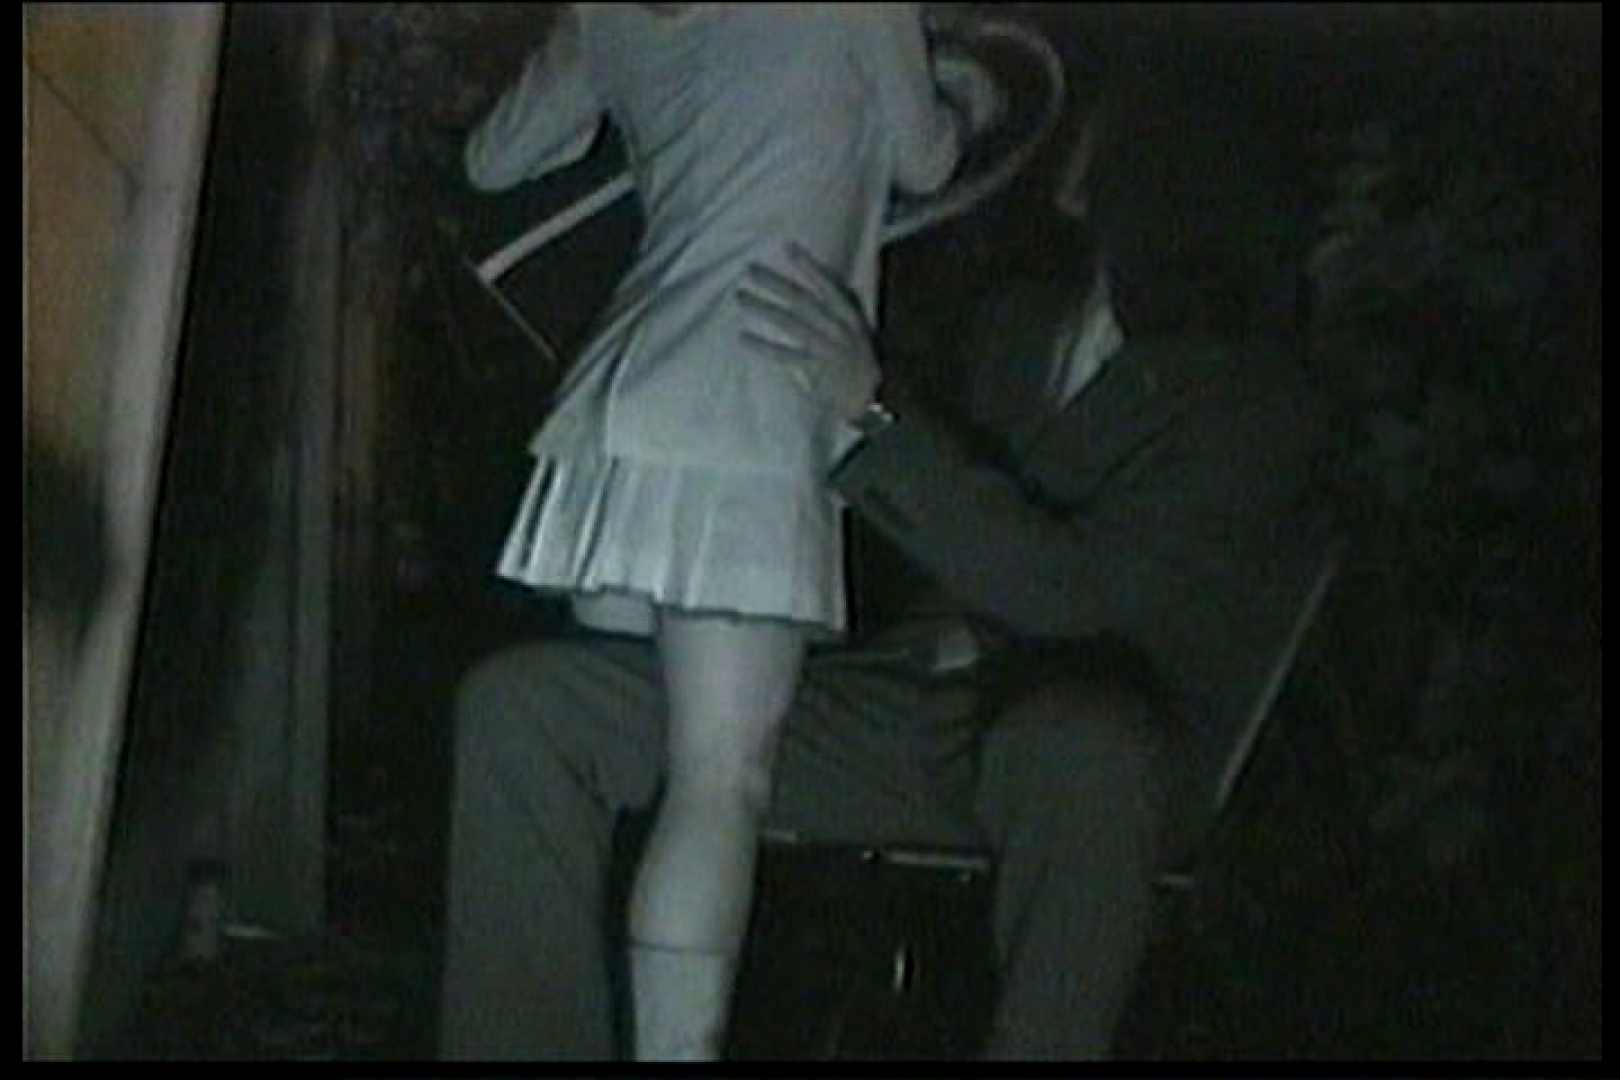 闇の仕掛け人 無修正版 Vol.16 セックス AV無料動画キャプチャ 78PIX 68